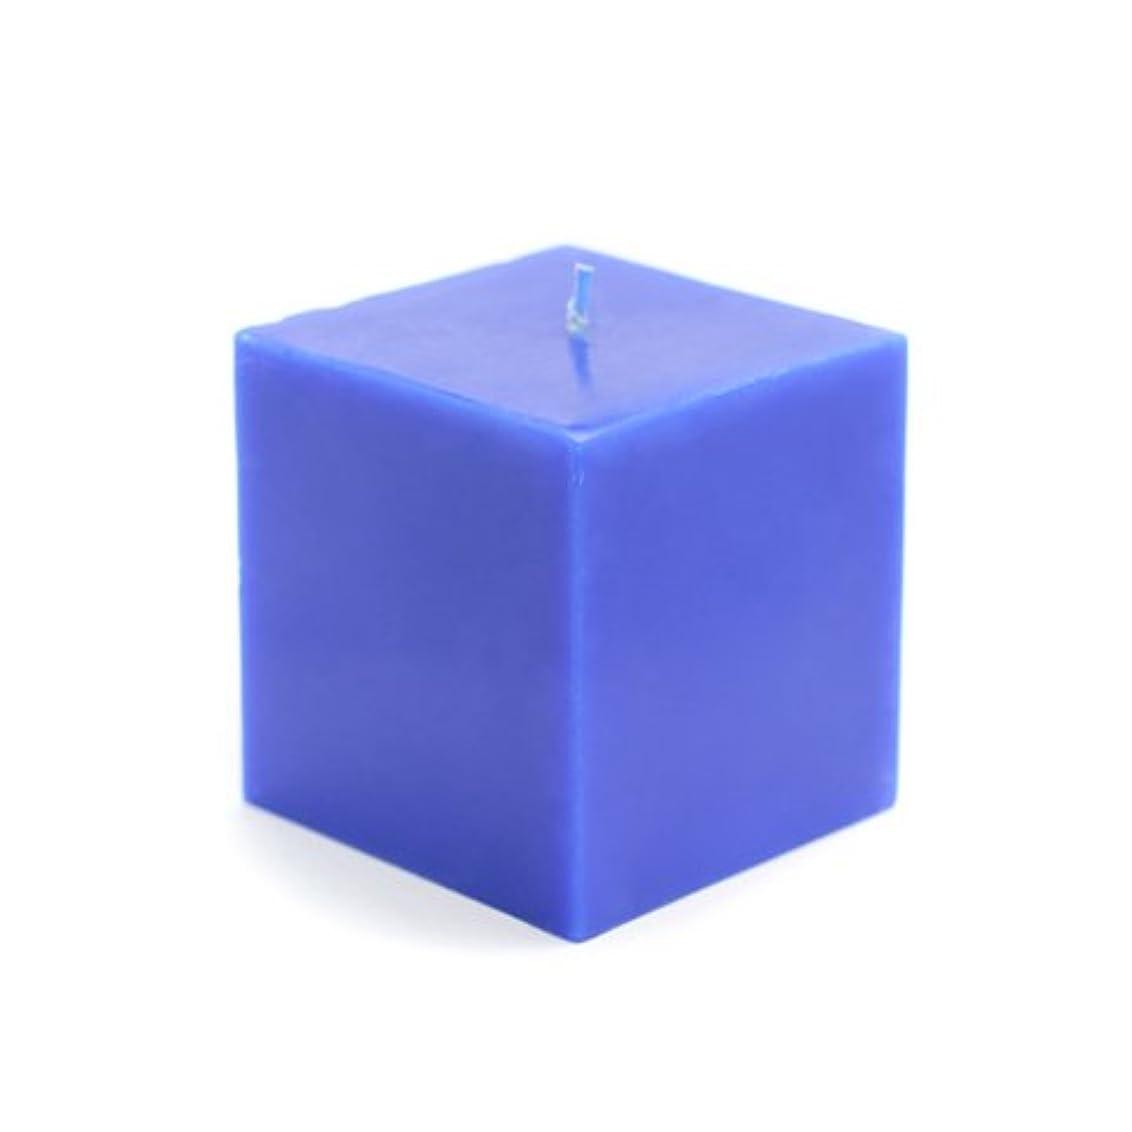 ブラケット国際解釈Zest Candle CPZ-134-12 3 x 3 in. Blue Square Pillar Candles -12pcs-Case- Bulk